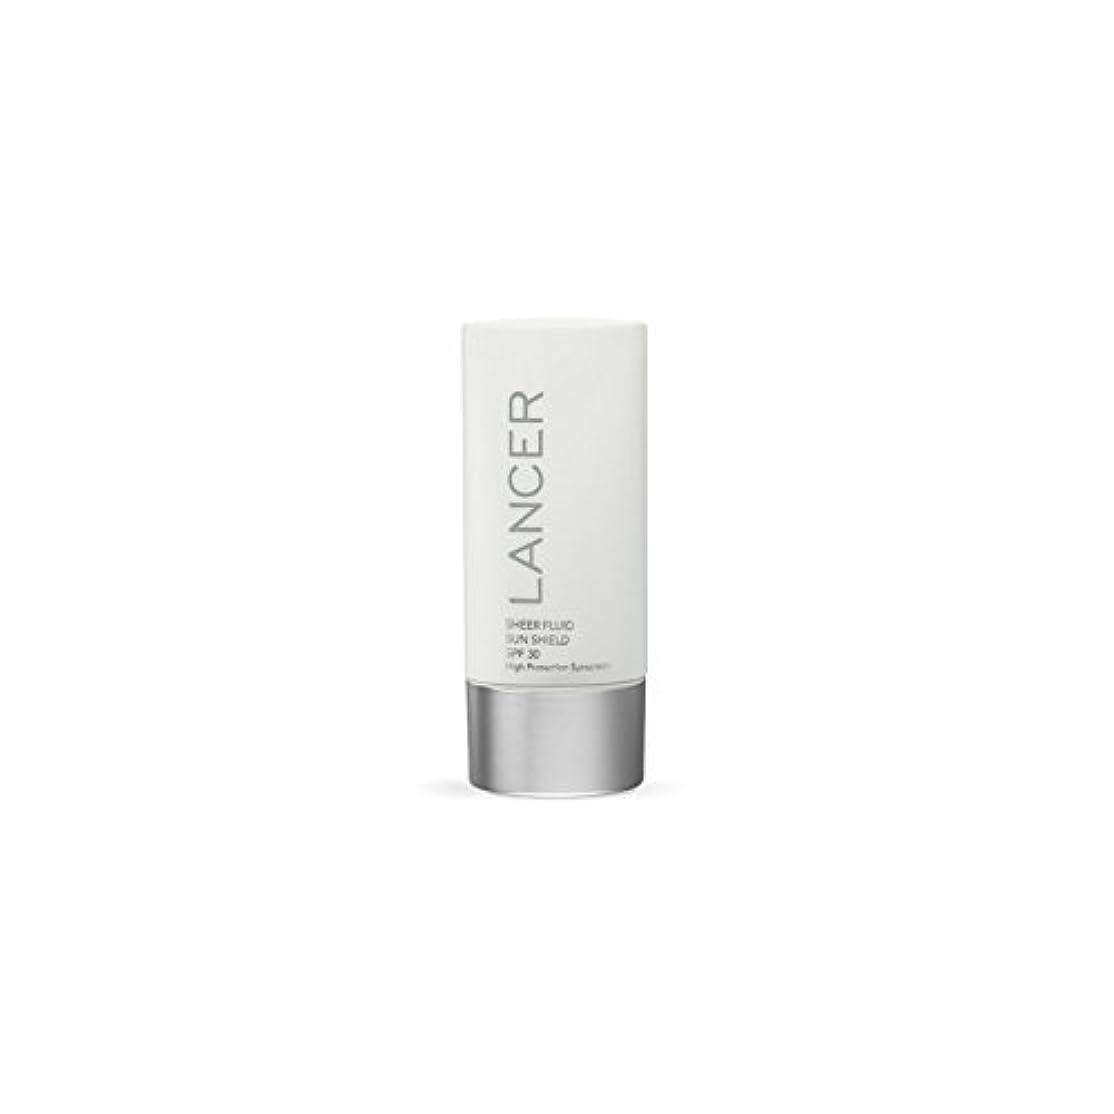 請う軽減する振り向くLancer Skincare Sheer Fluid Sun Shield Spf 30 (60ml) (Pack of 6) - ランサースキンケア切り立った流体サンシールド 30(60ミリリットル) x6 [並行輸入品]